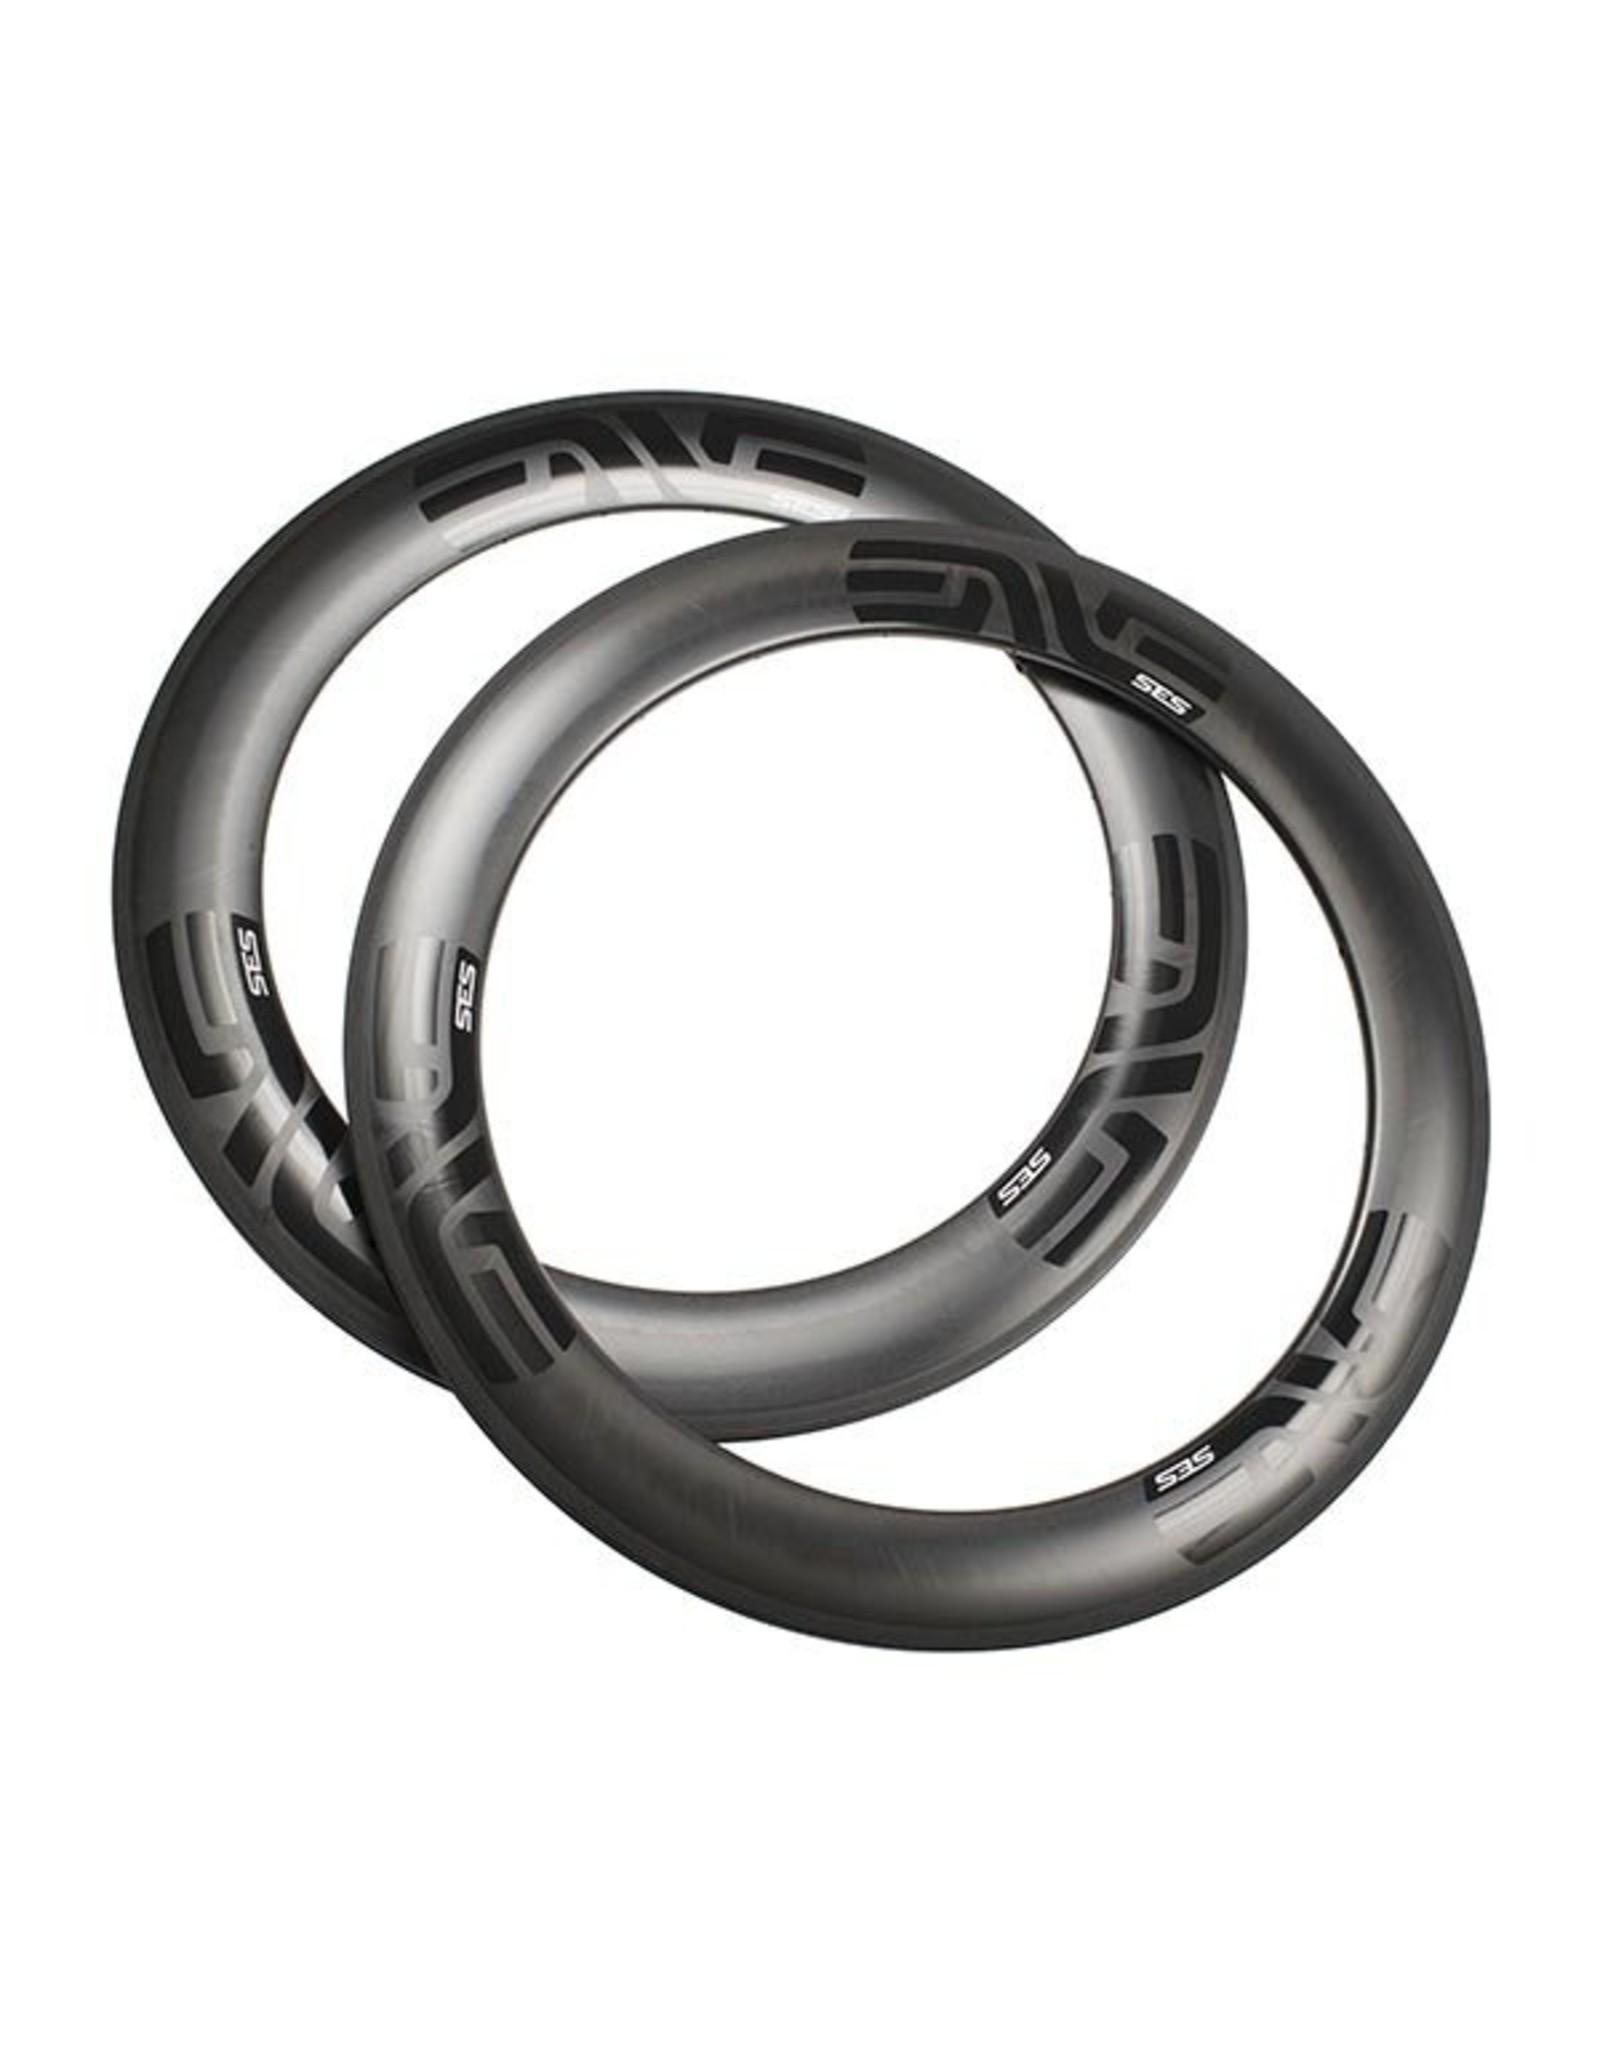 ENVE Composites ENVE 7.8 Carbon Clincher Rims